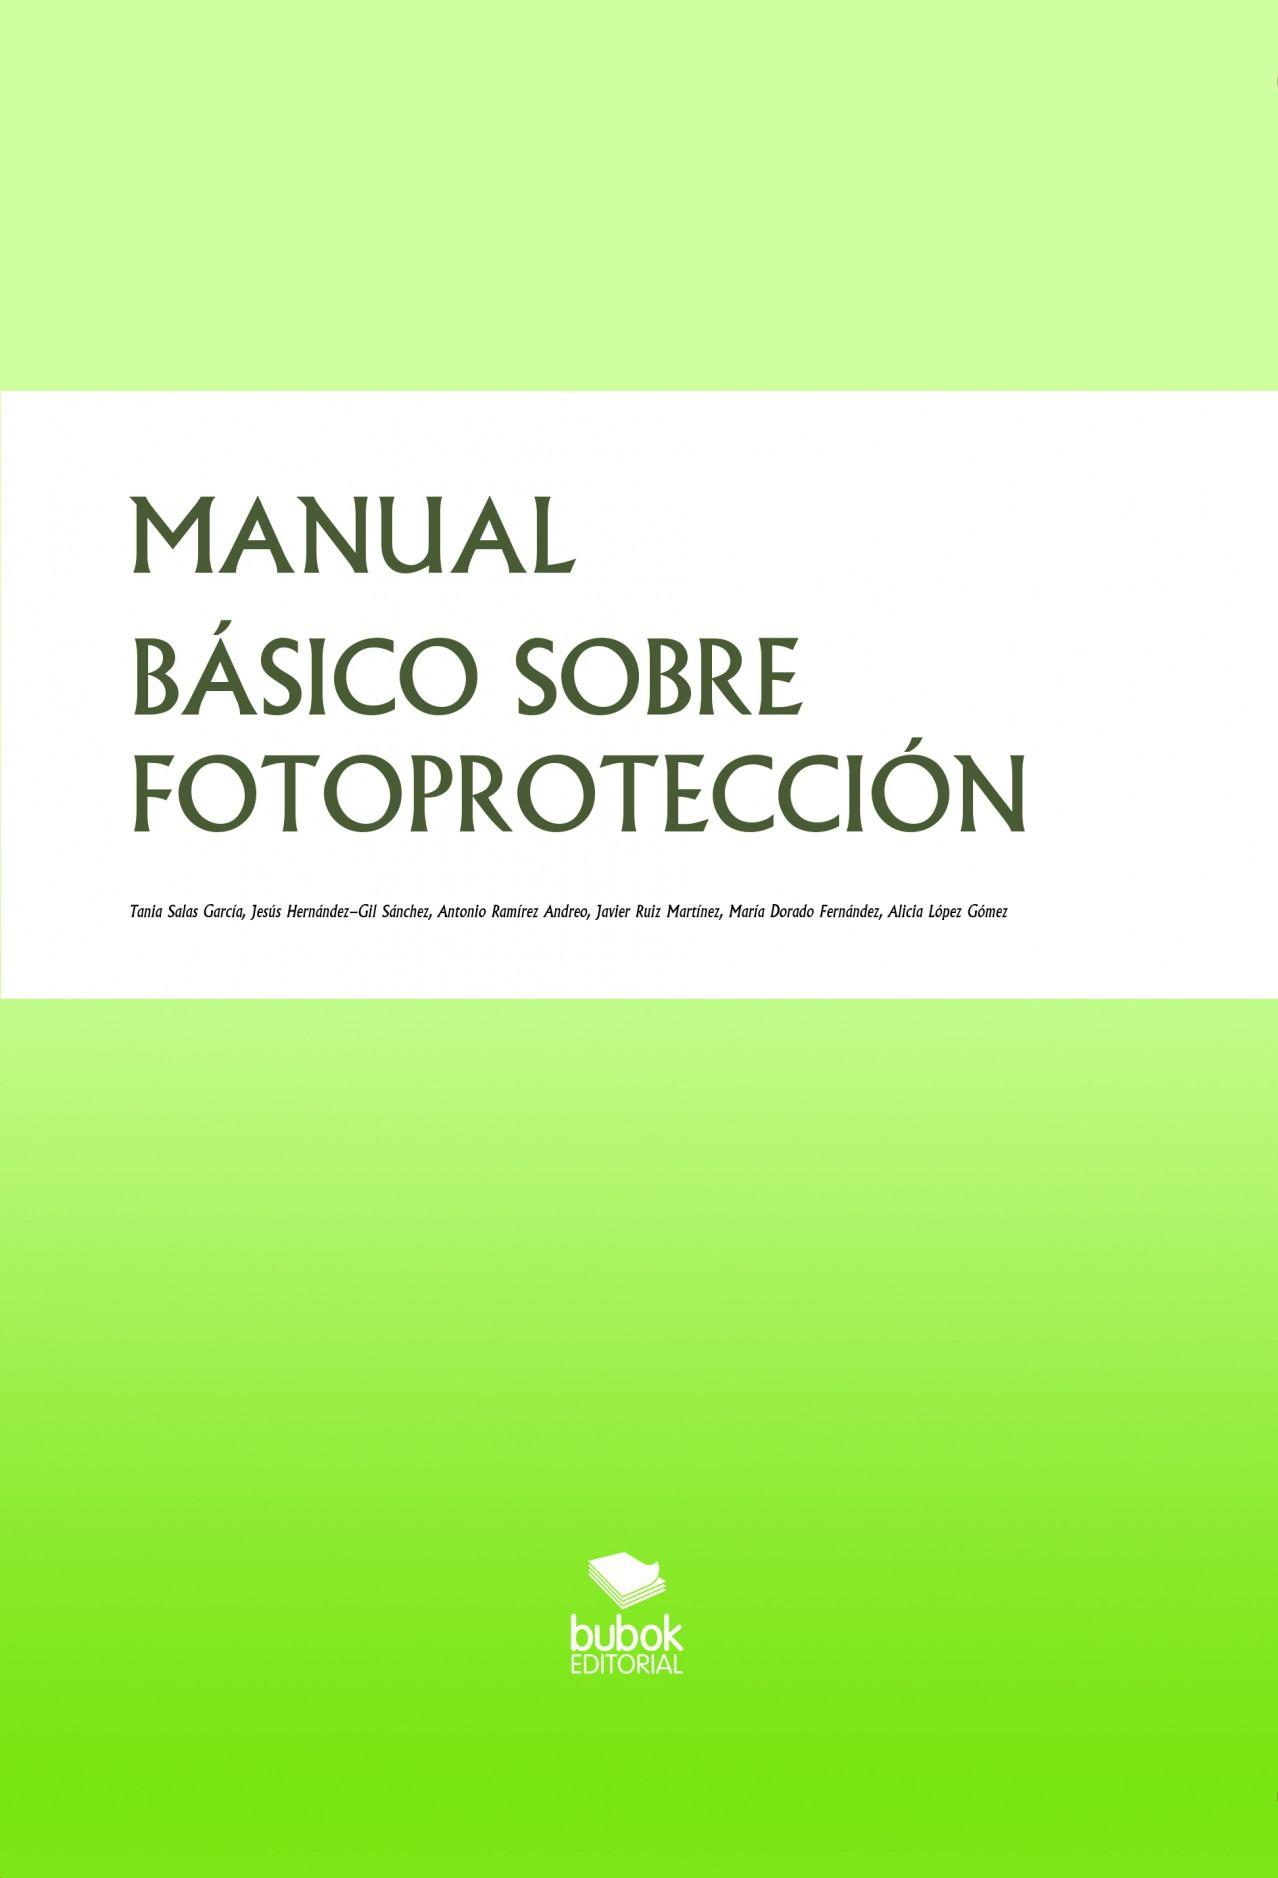 MANUAL BÁSICO SOBRE FOTOPROTECCIÓN